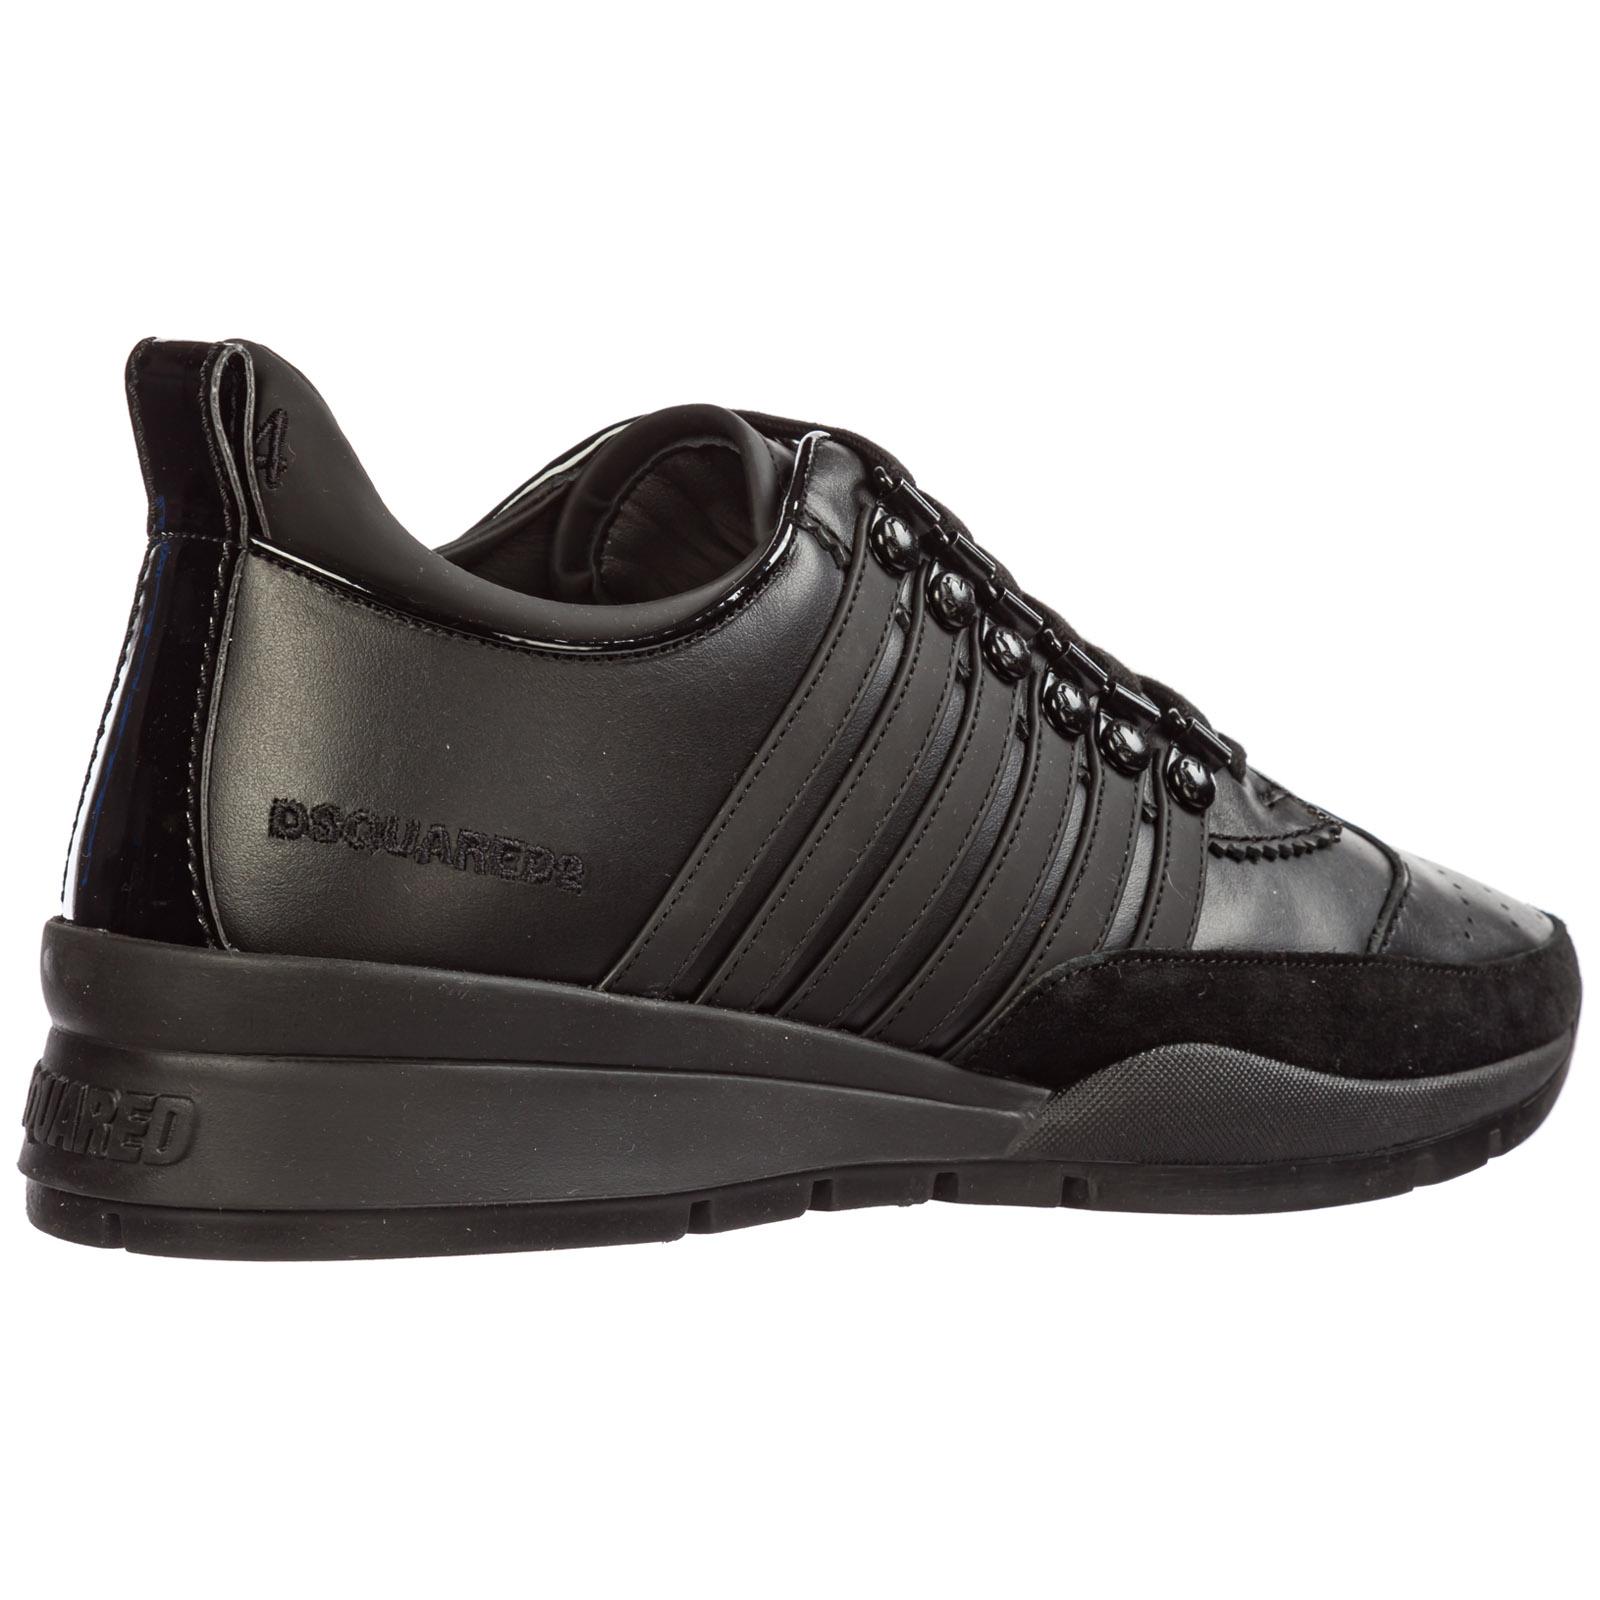 Herrenschuhe herren leder schuhe sneakers